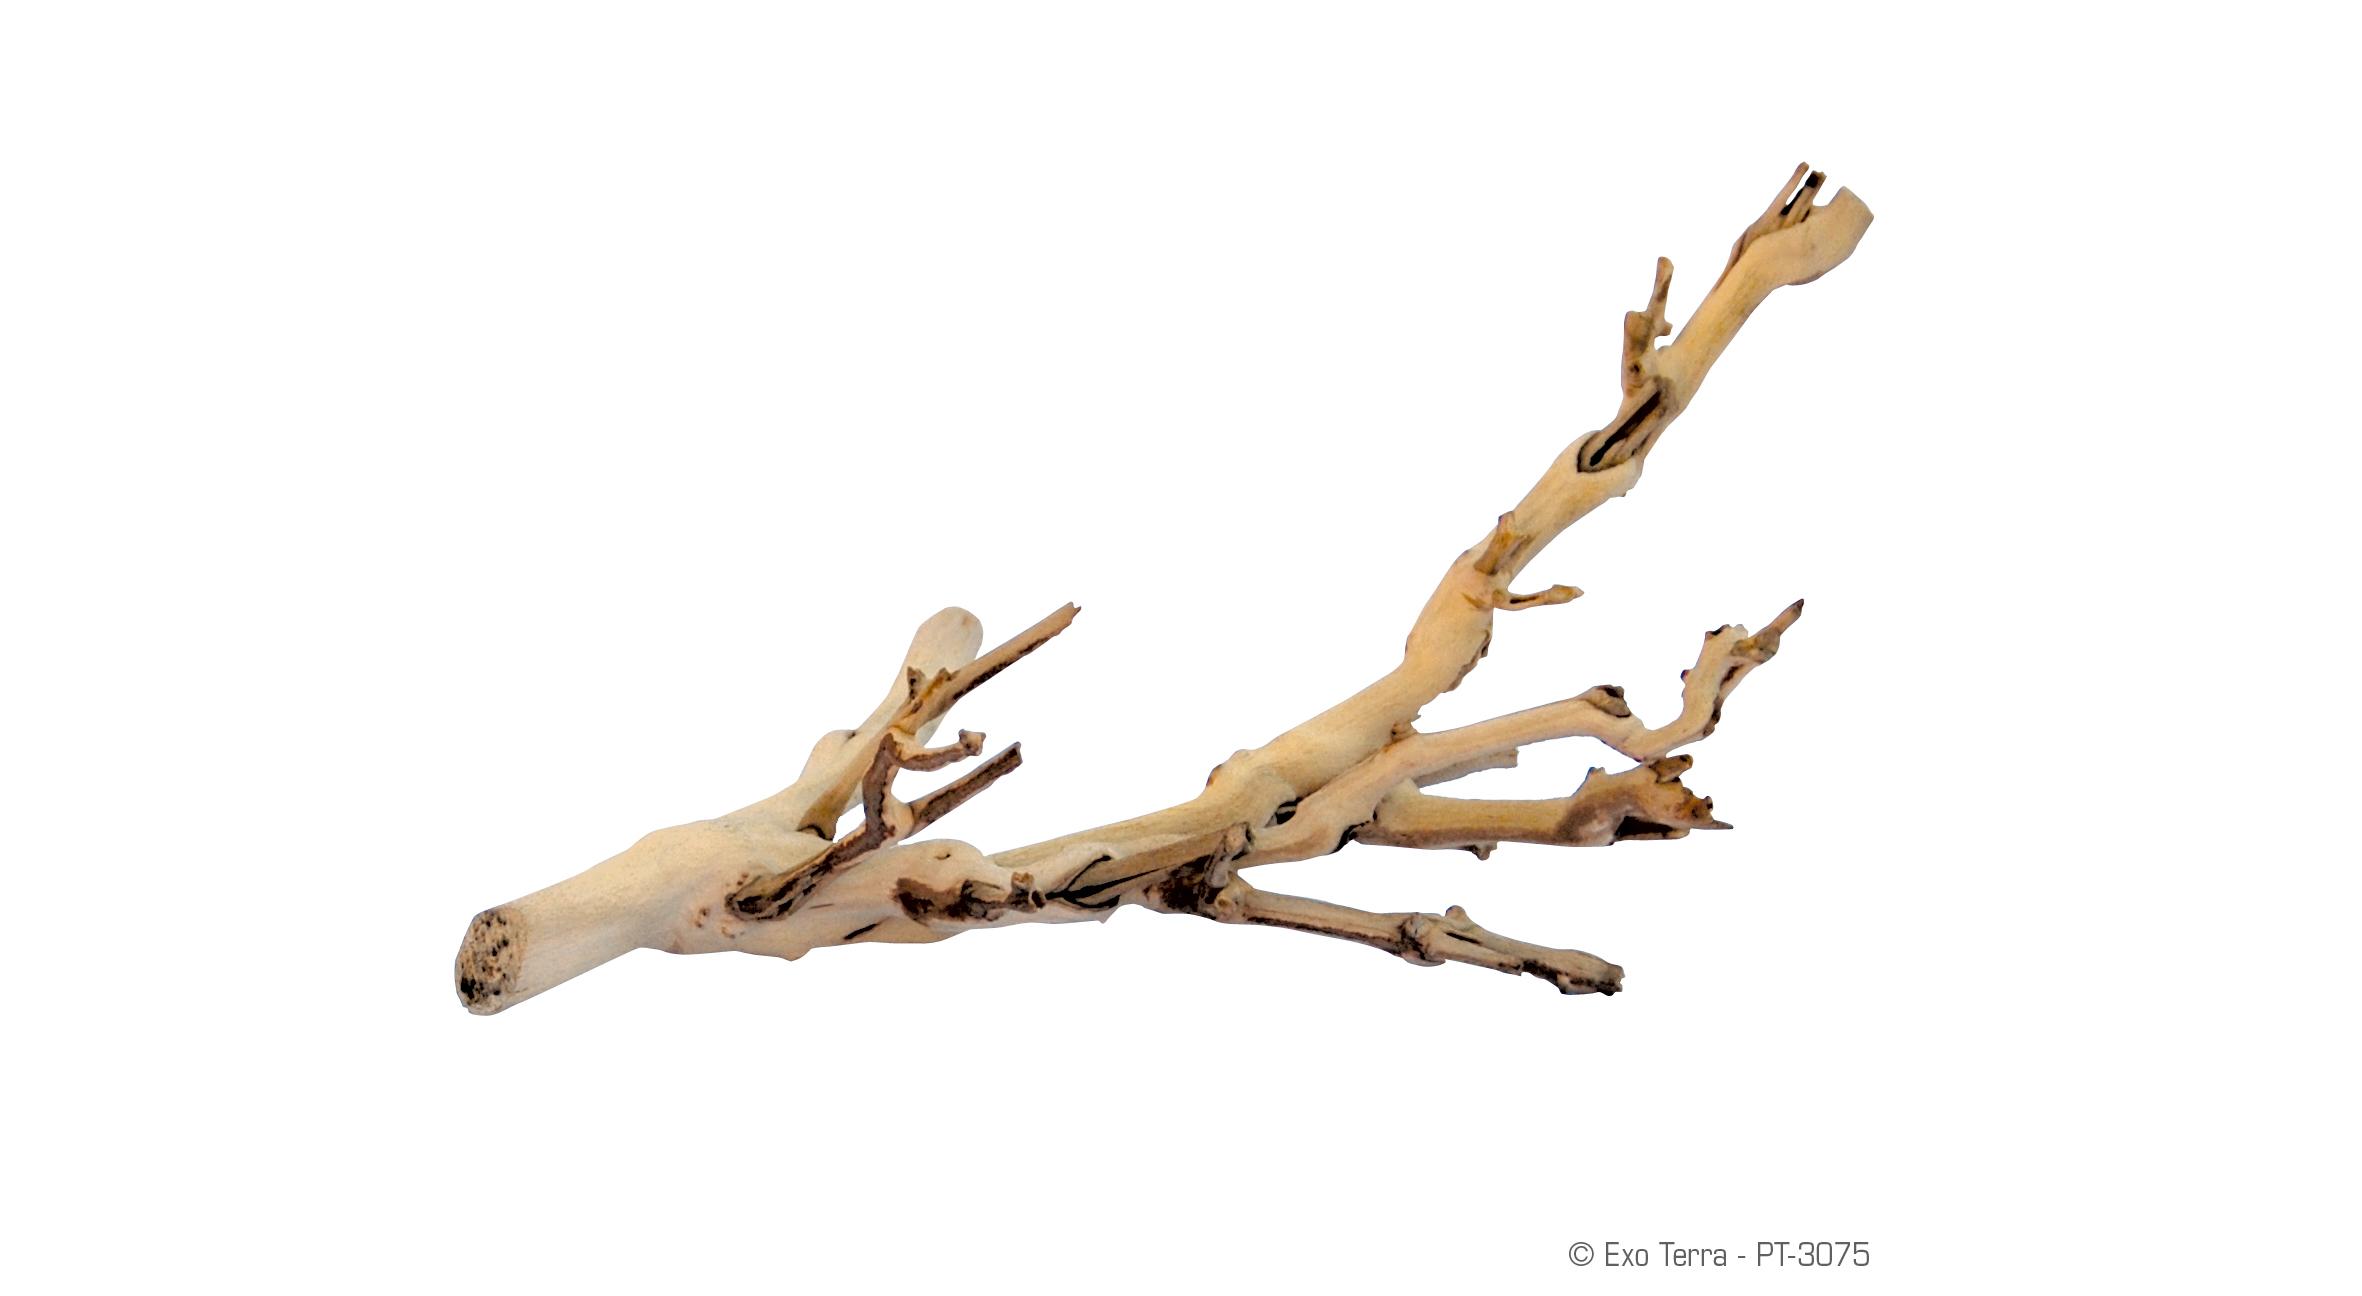 Exo Terra : Forest Branch / Sandblasted Grape Vine